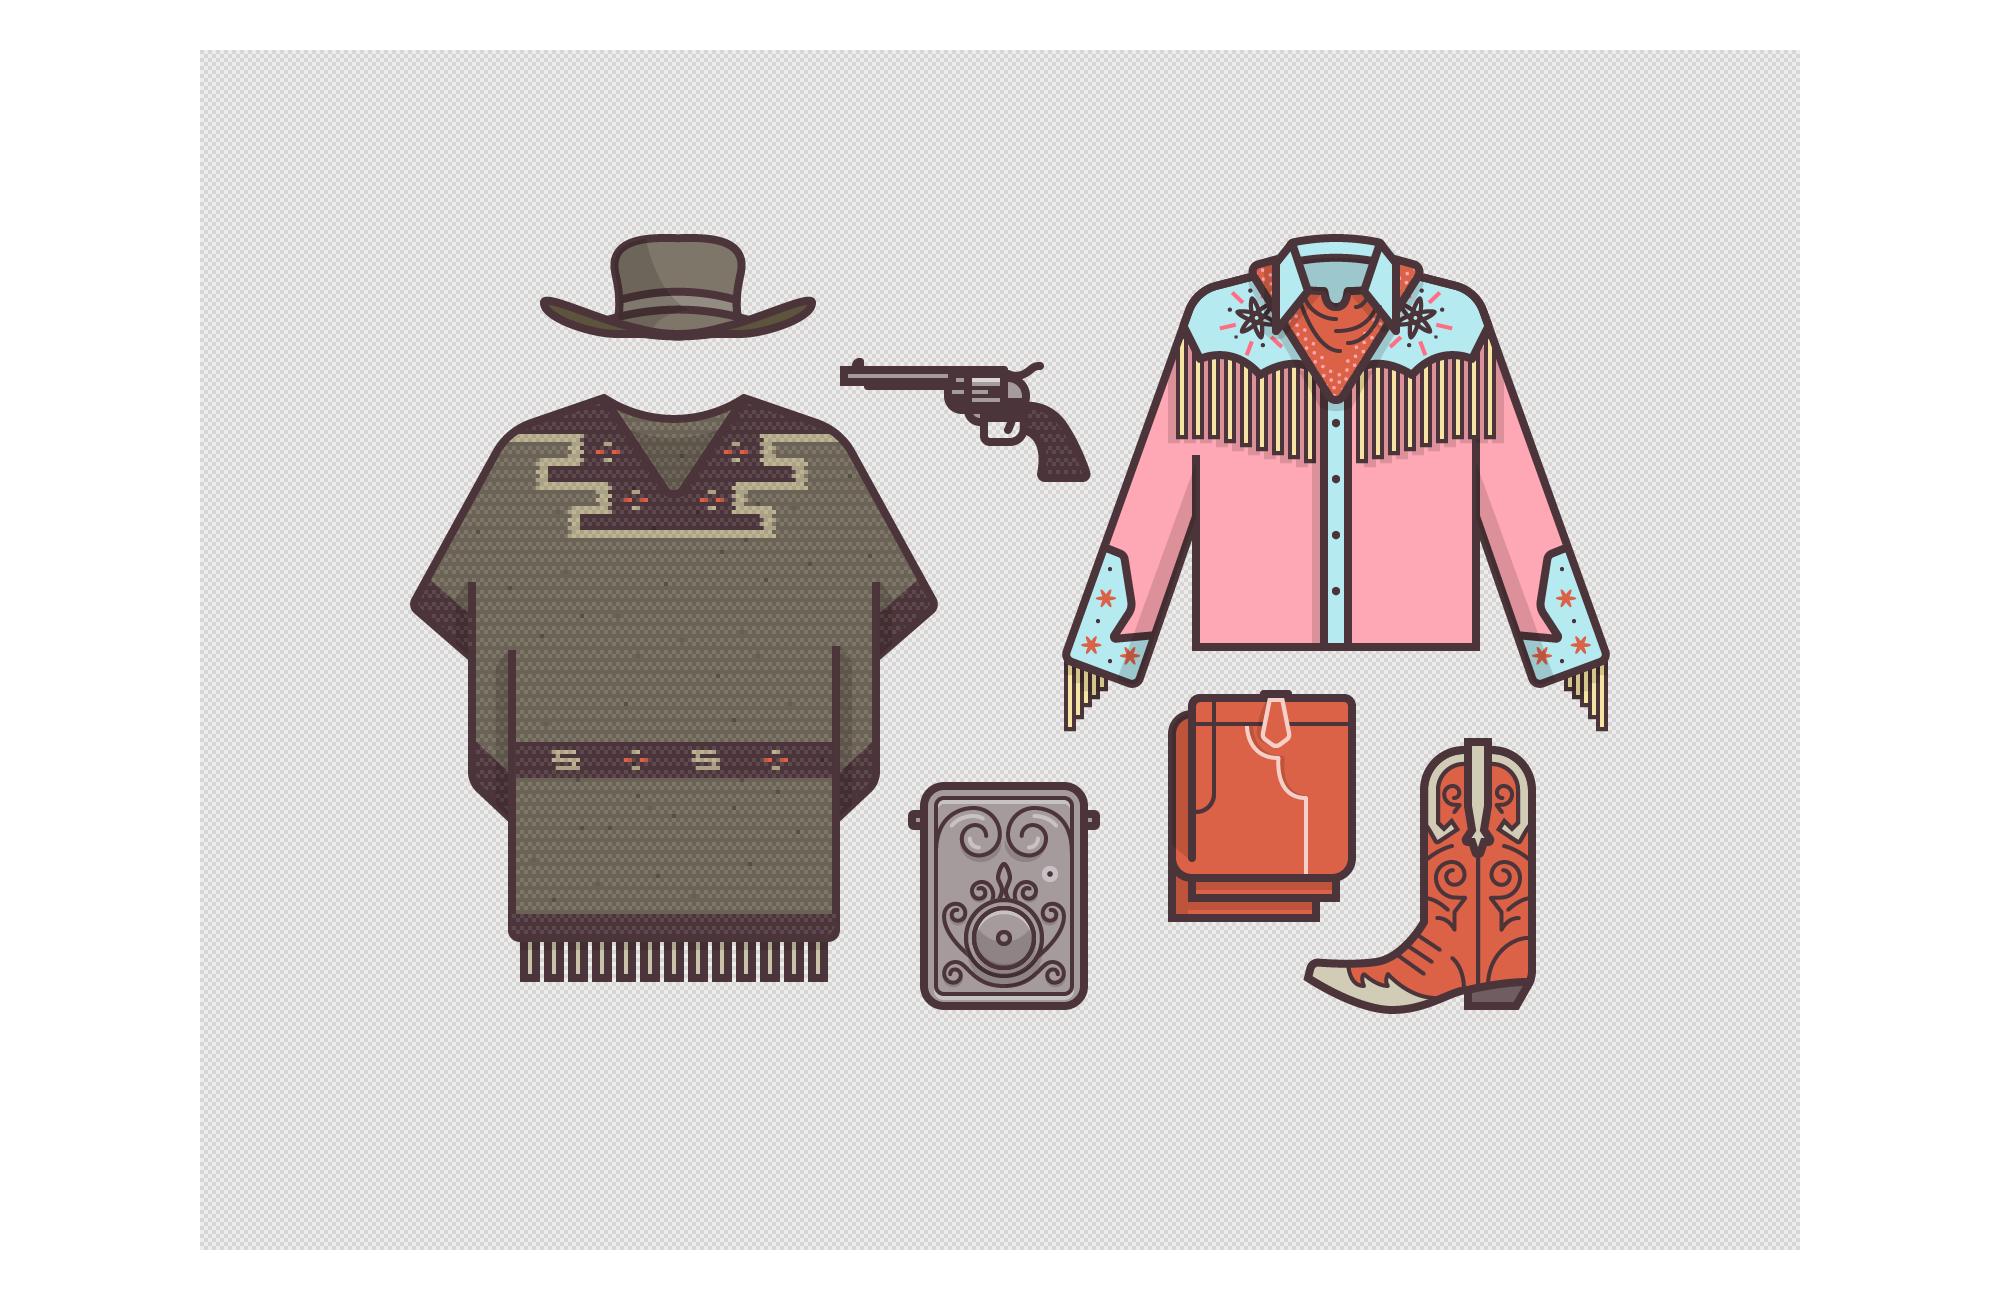 accesorios illustracion3